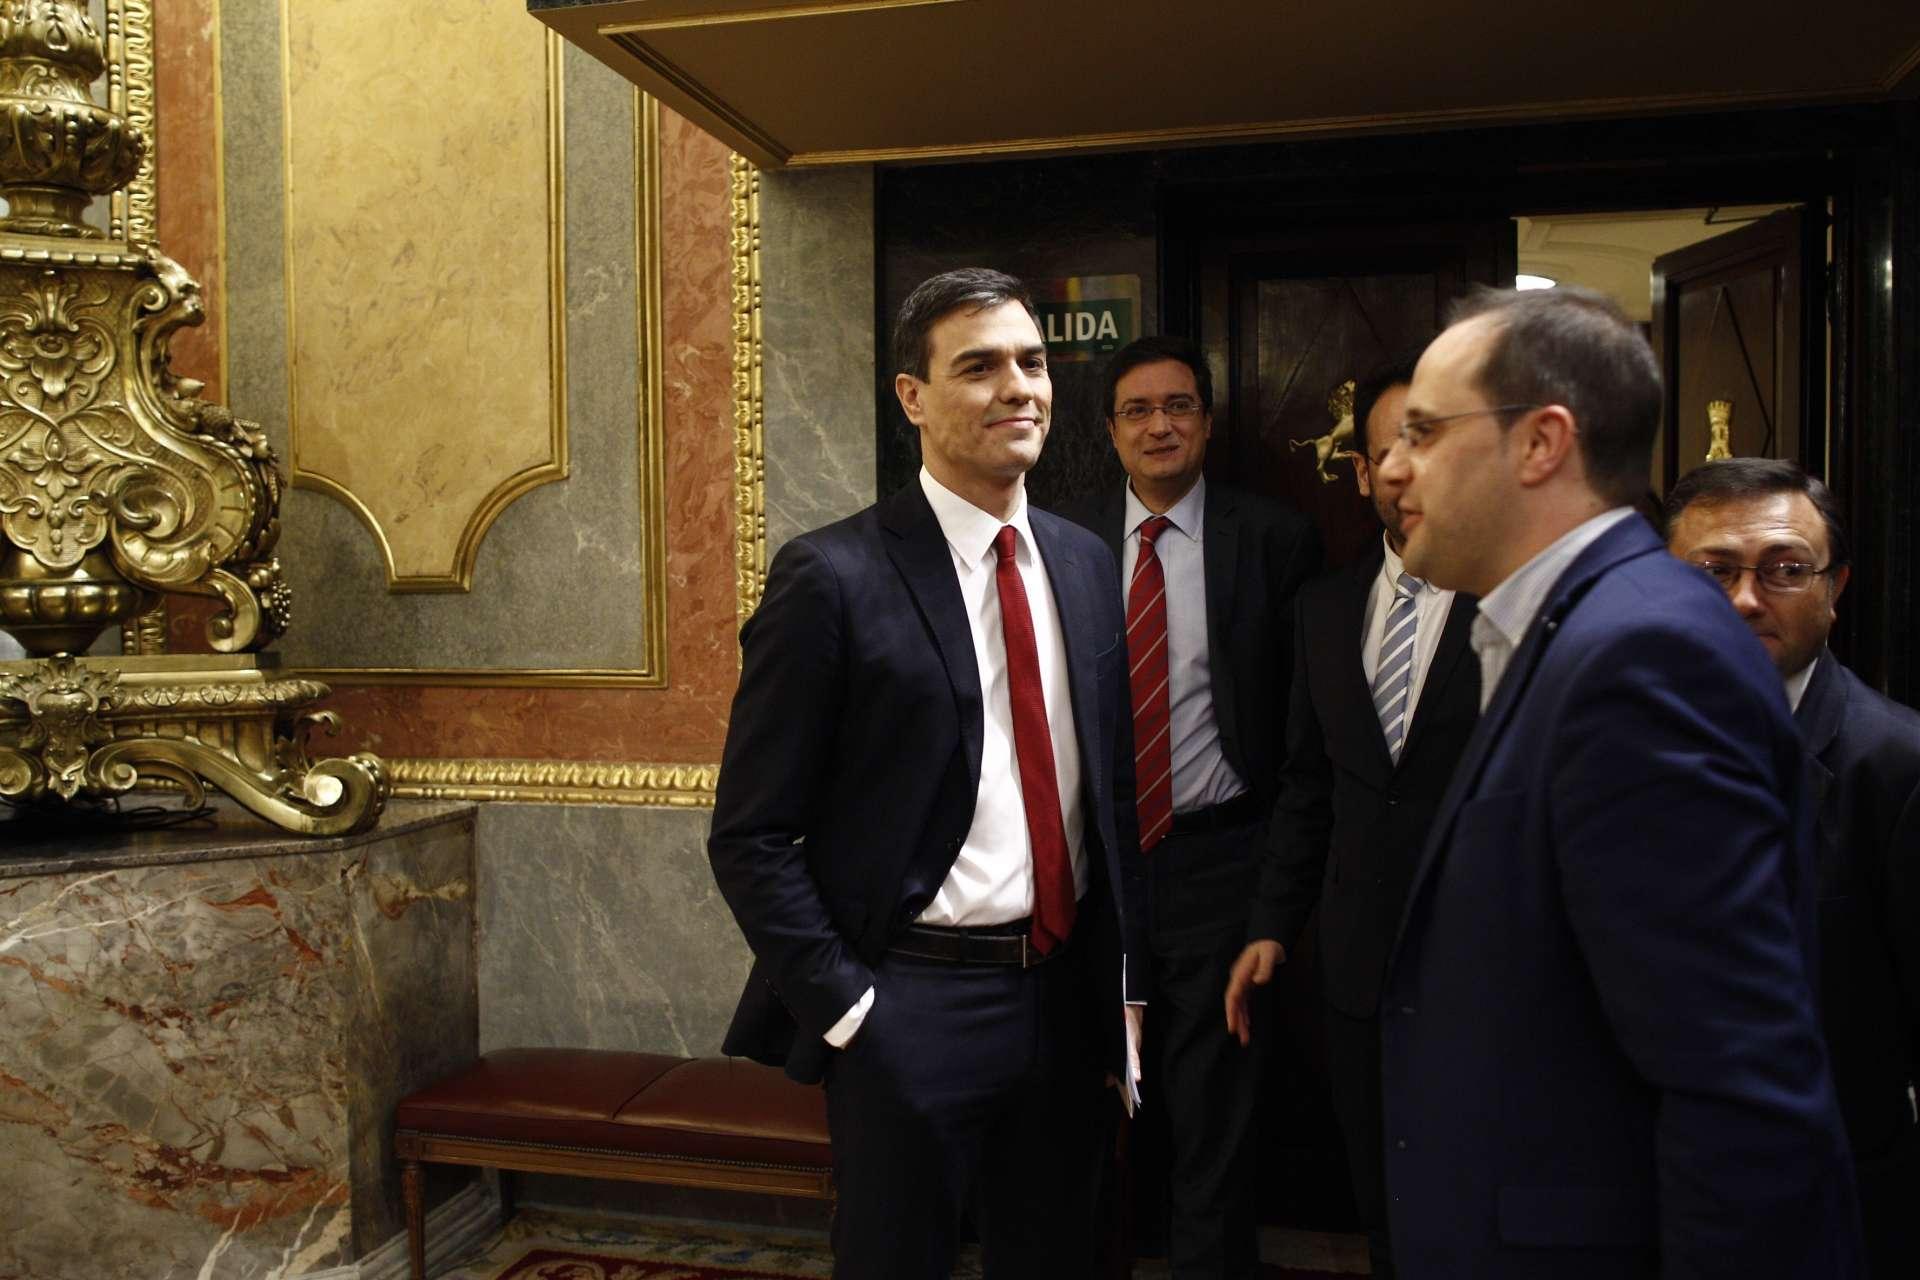 Pedro Sánchez en el Congreso con su equipo. Fotografía de EP publicada en BEZ